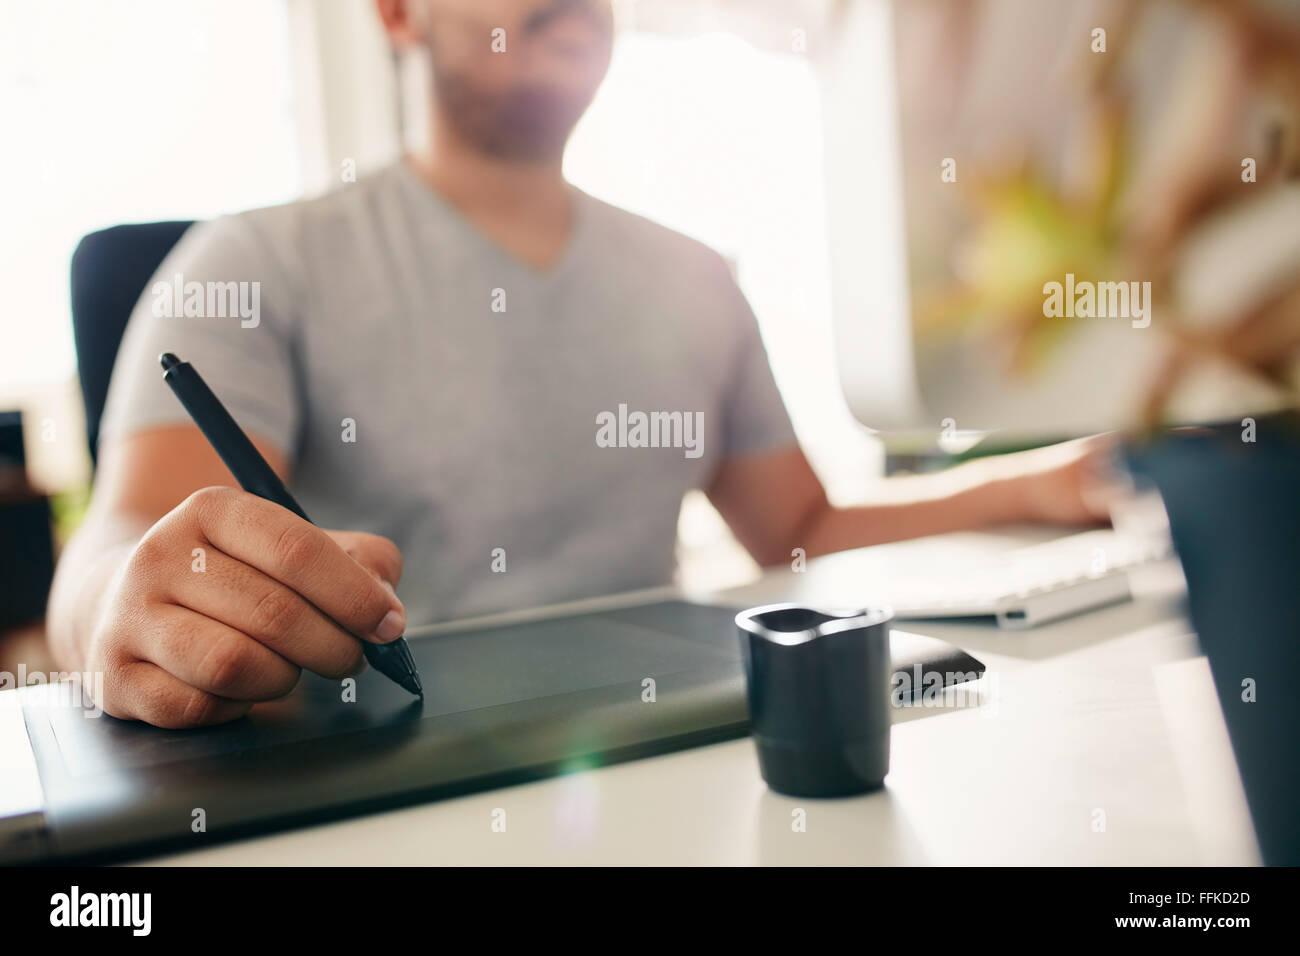 Mano de macho diseñador que trabaja en su escritorio utilizando el lápiz digital y tableta gráfica. Imagen De Stock